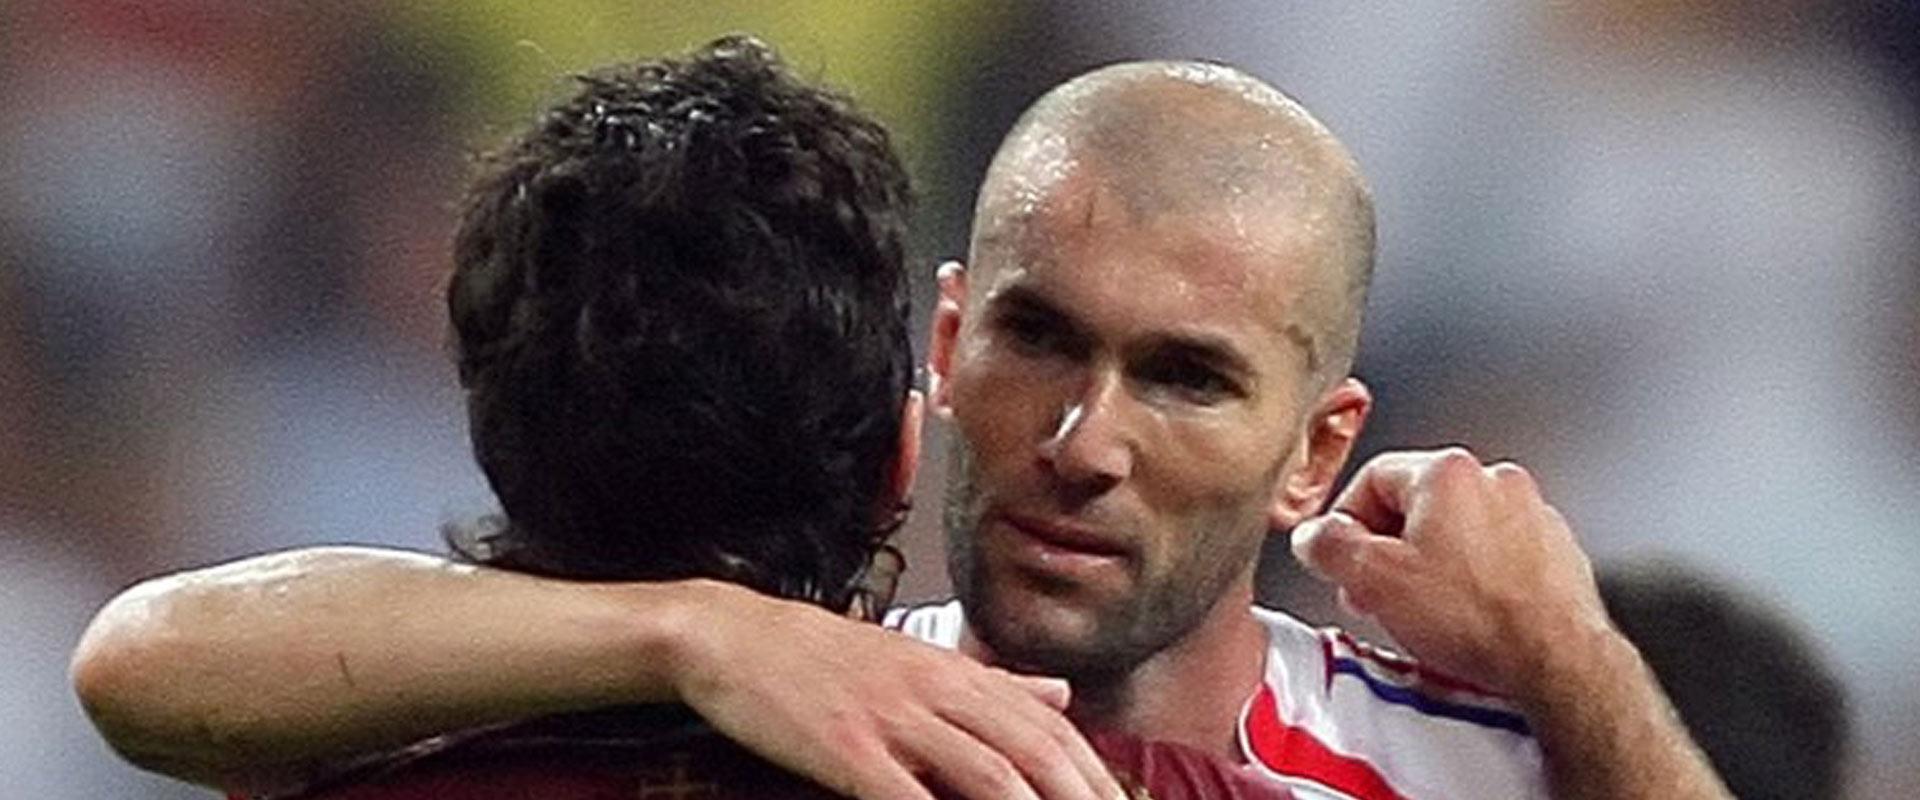 זיזו אחרי הניצחון על פורטוגל בחצי גמר מונדיאל 2006